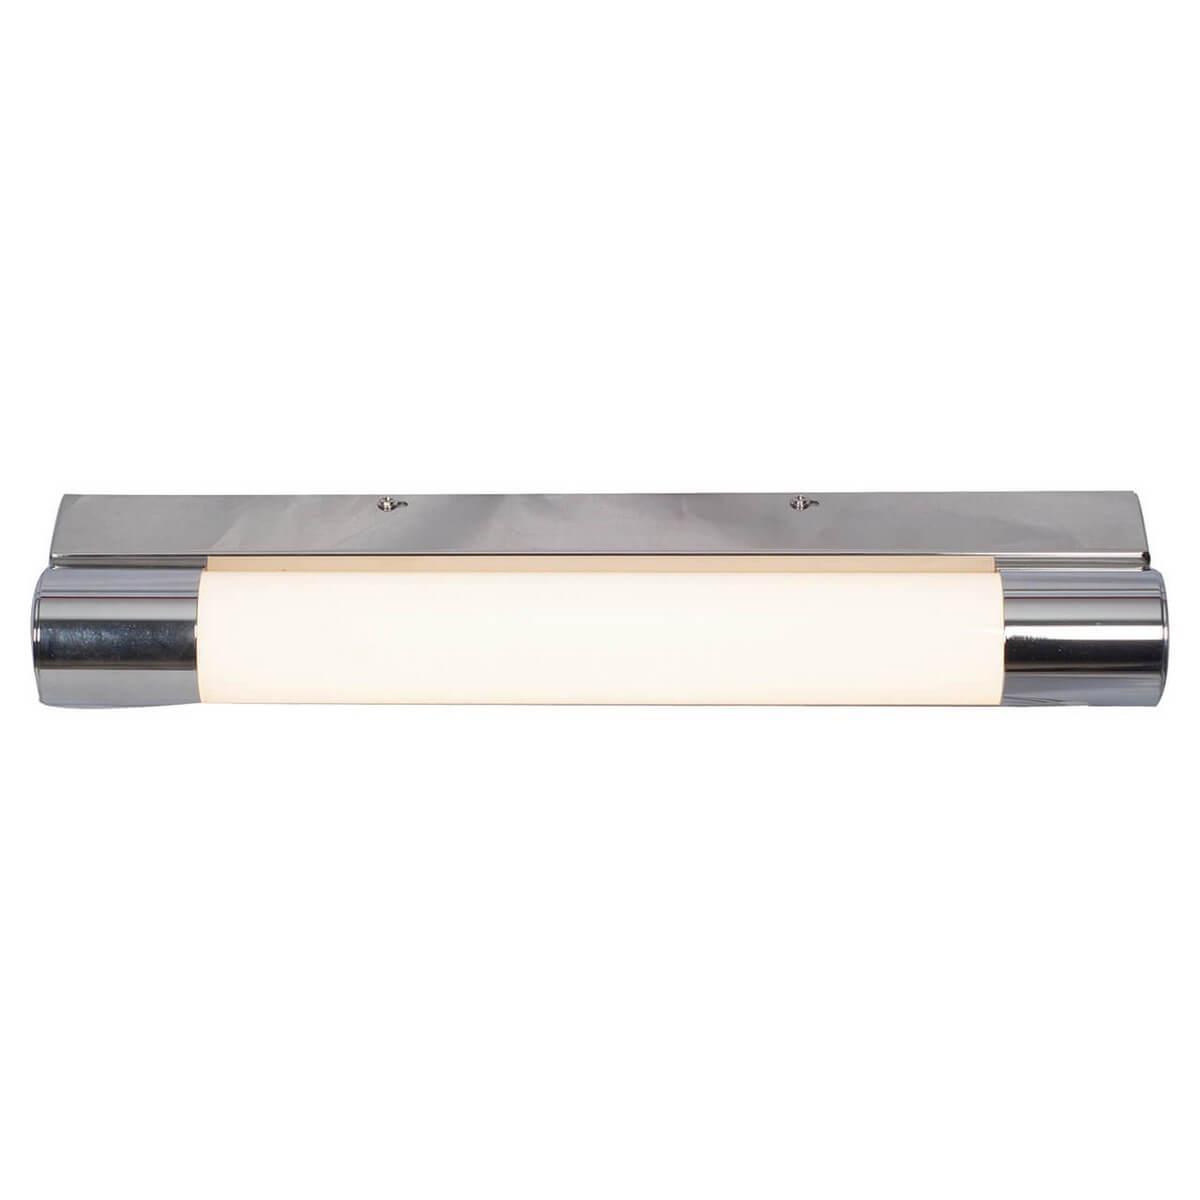 Настенный светильник Lussole LSP-9966, LED, 8 Вт настенный светильник lussole lsp 8017 черный